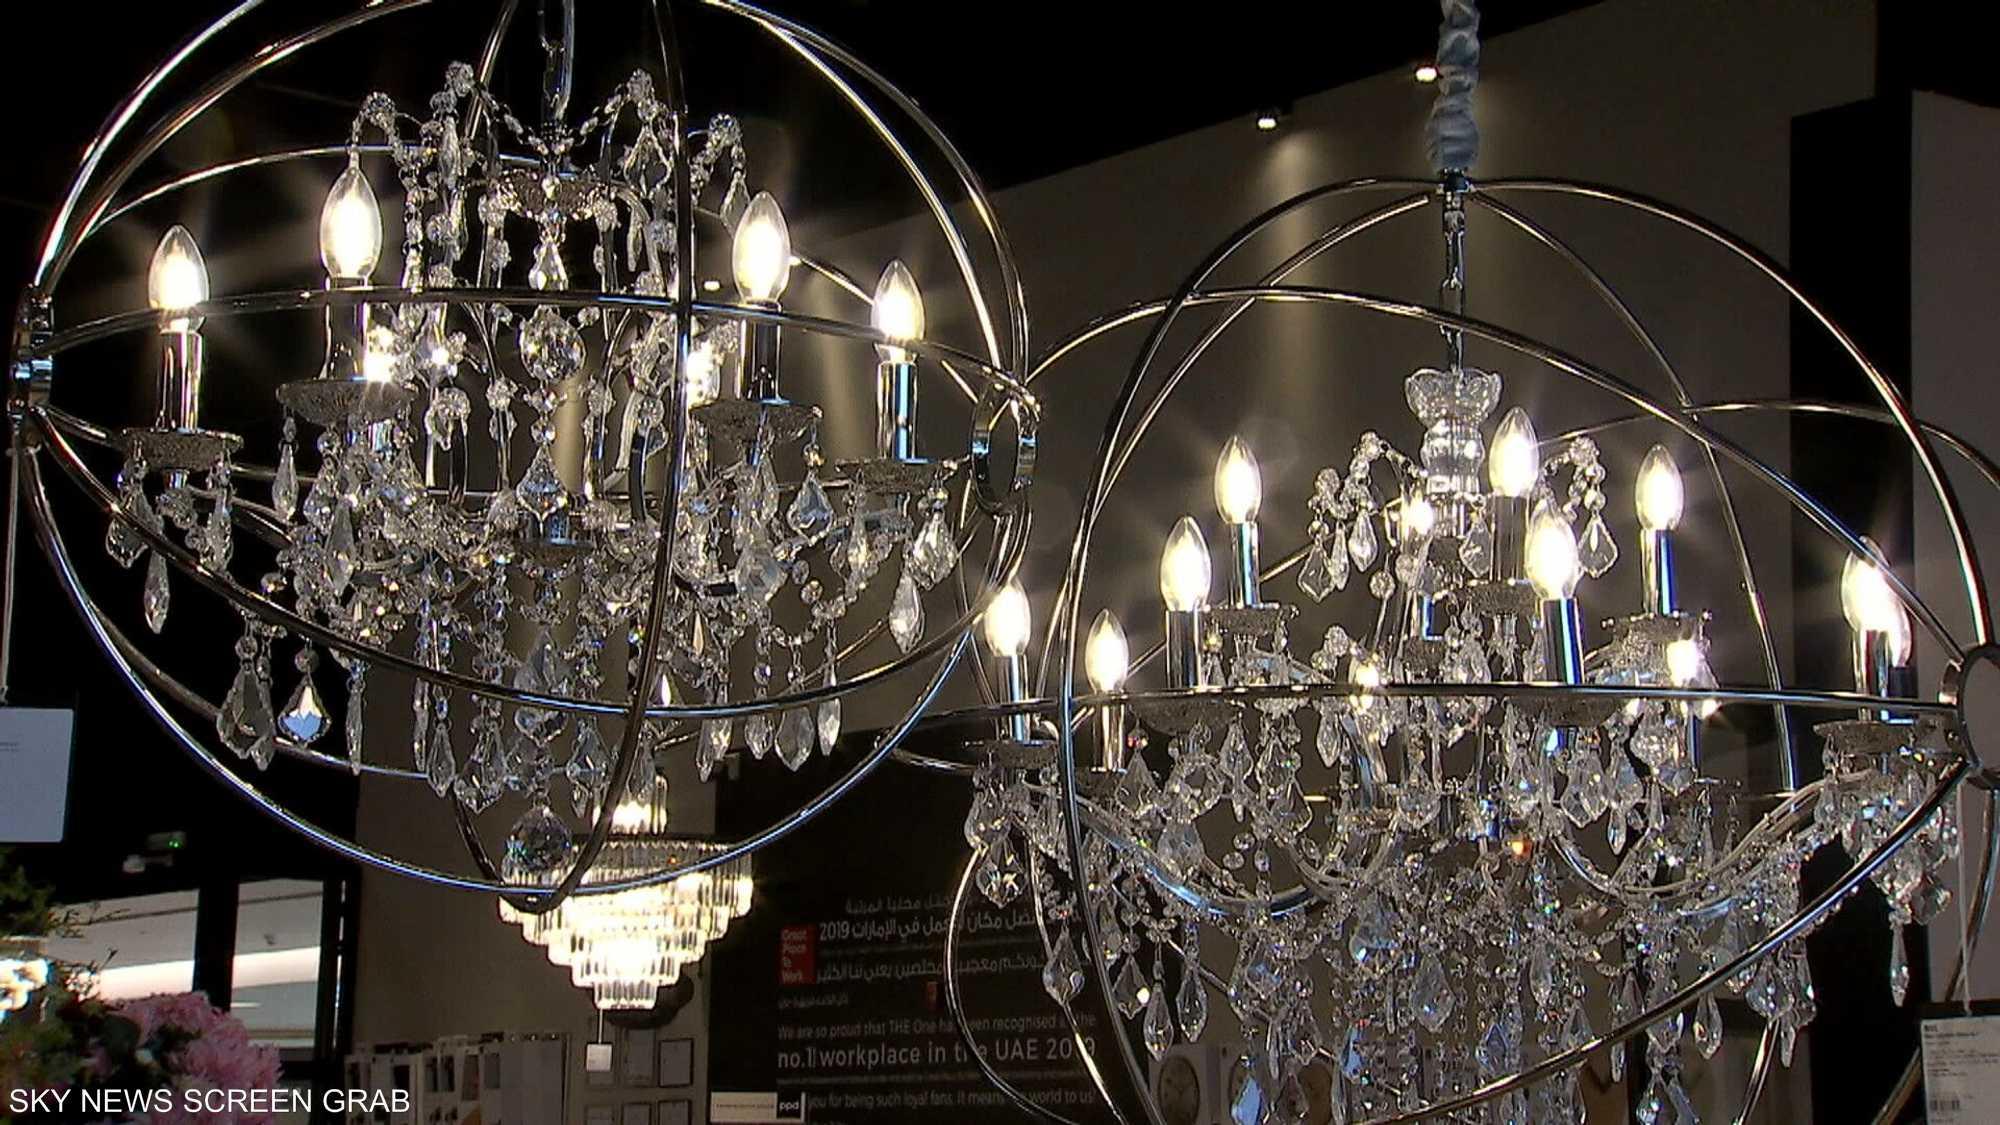 نصائح العملية لاختيار الإضاءة المنزلية المناسبة